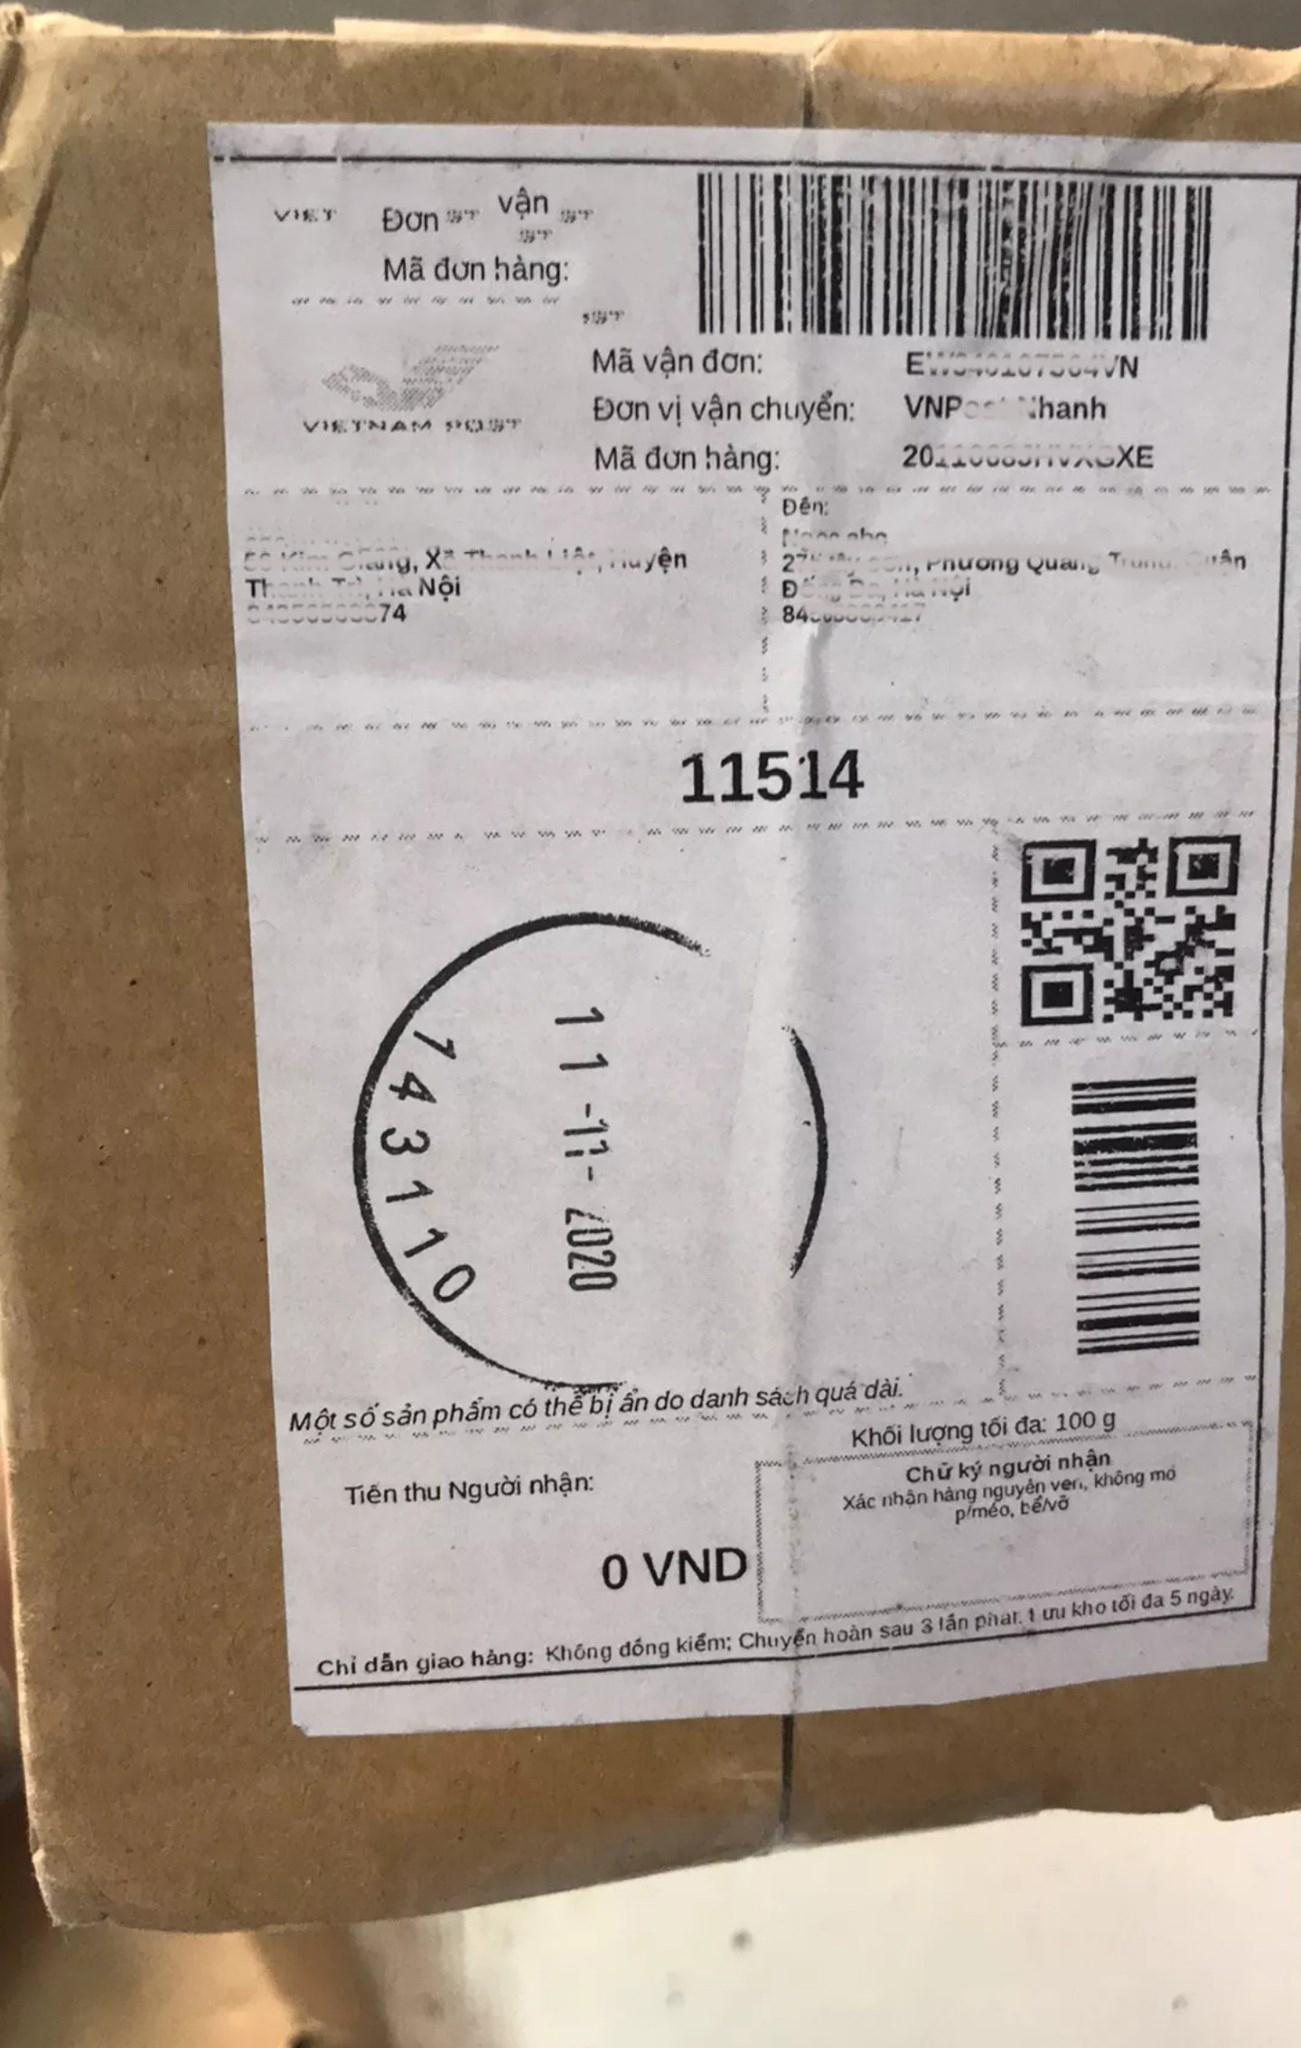 Hộp hàng được vận chuyển không ghi rõ món hàng là gì. Nguồn ảnh: VnHomies.